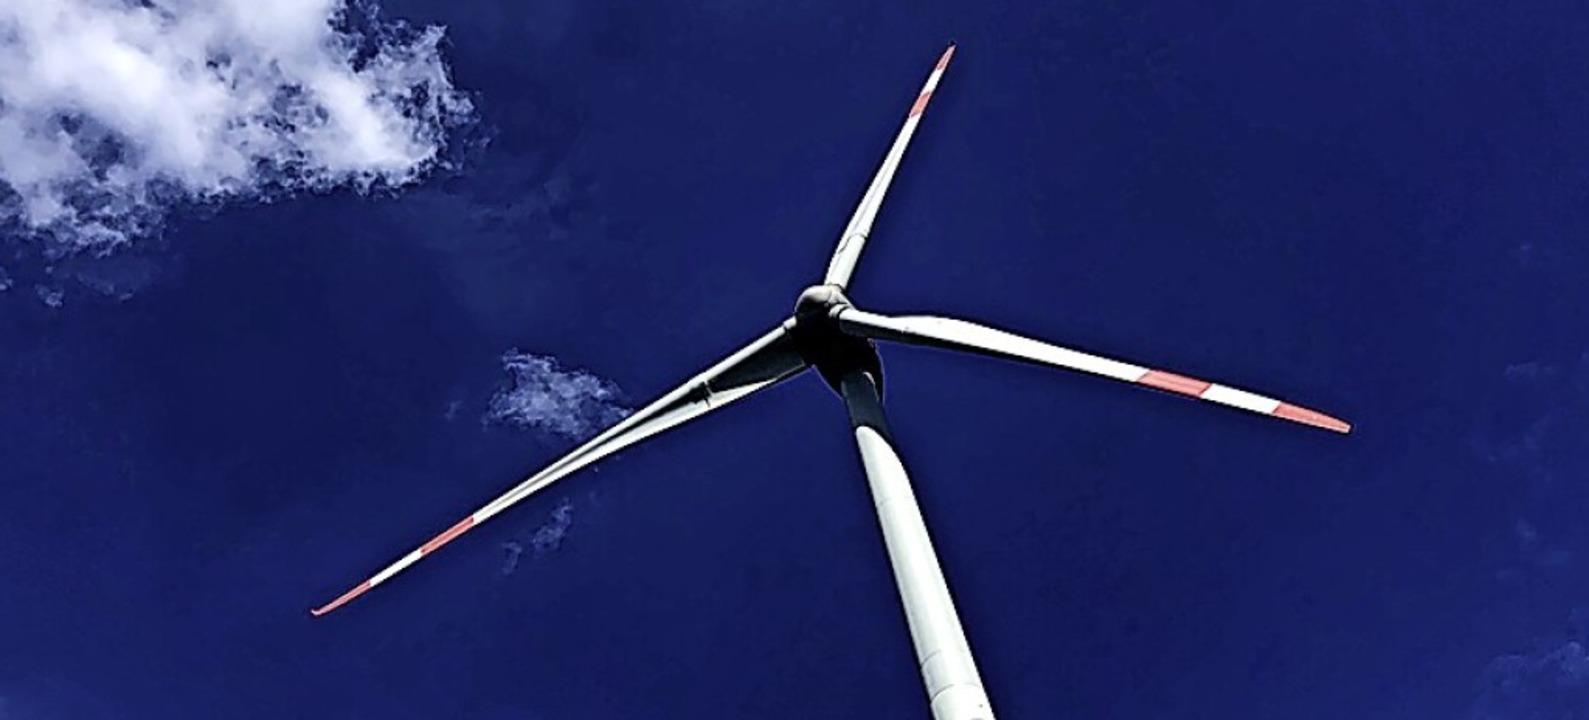 Über Windkraft wird gestritten.  | Foto: Ronja Vattes